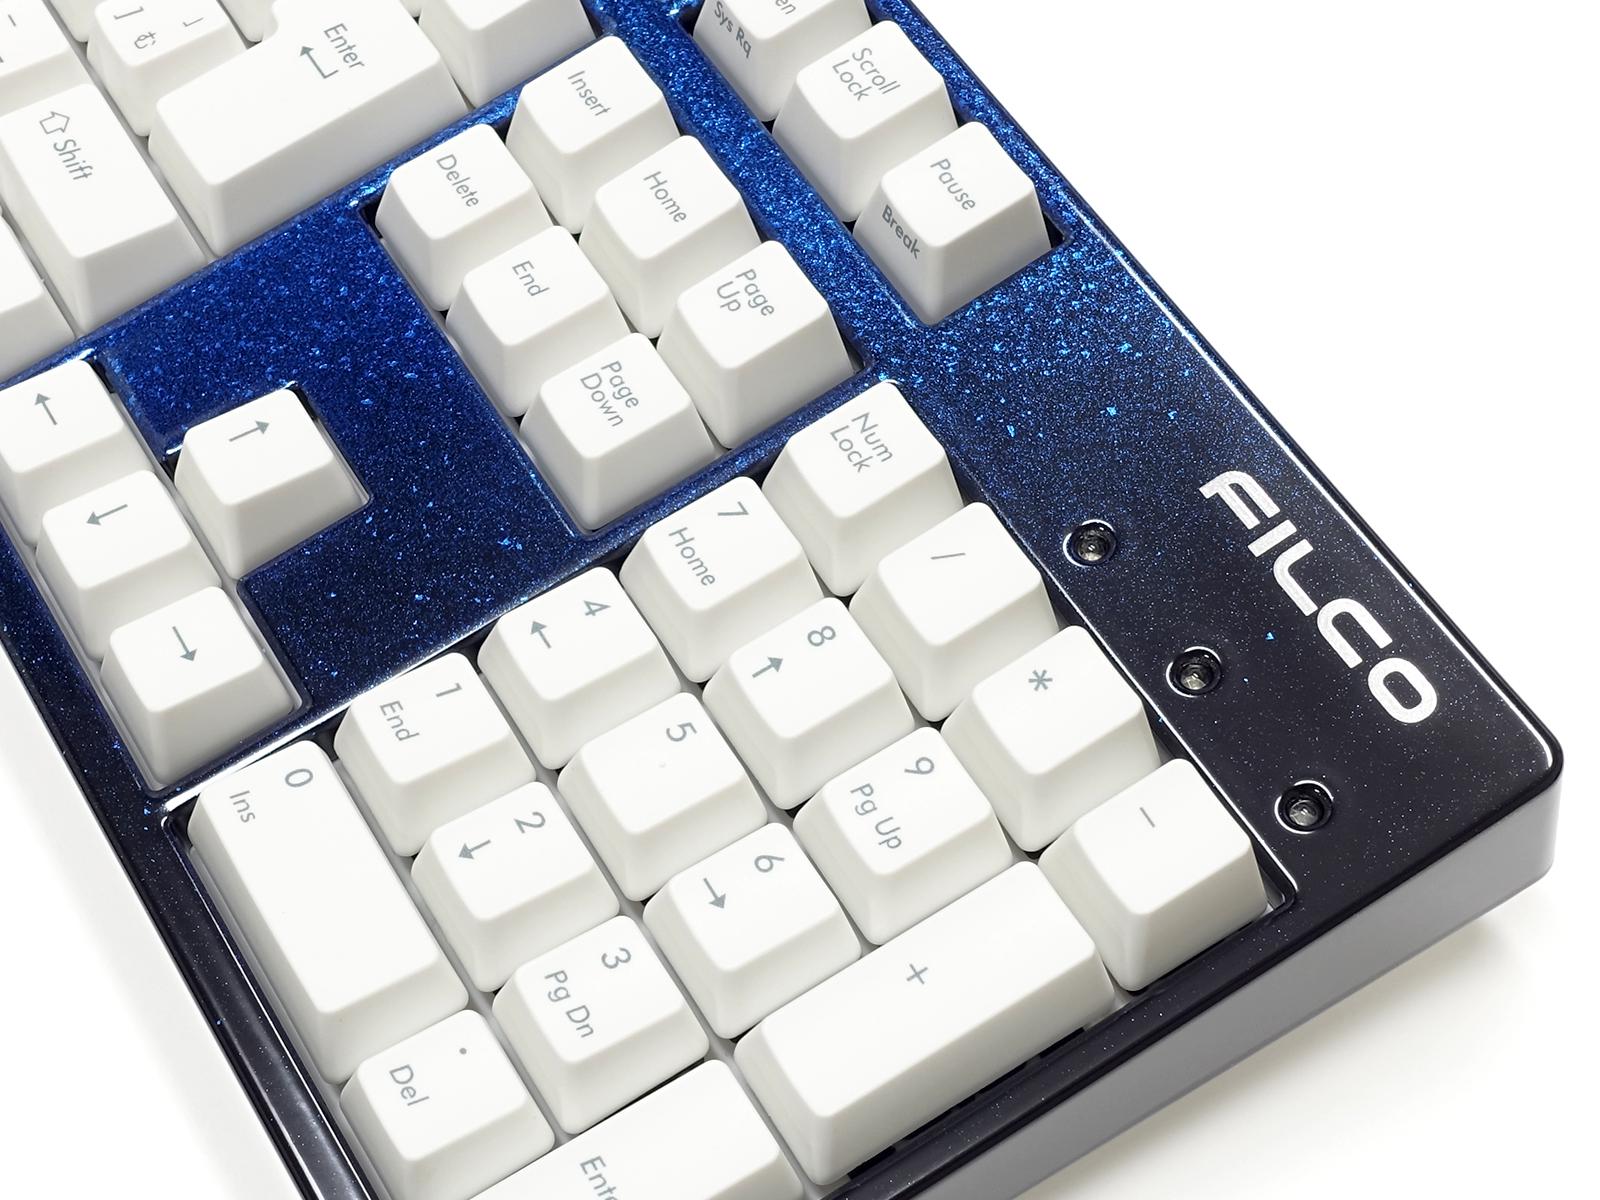 银河蓝-image14